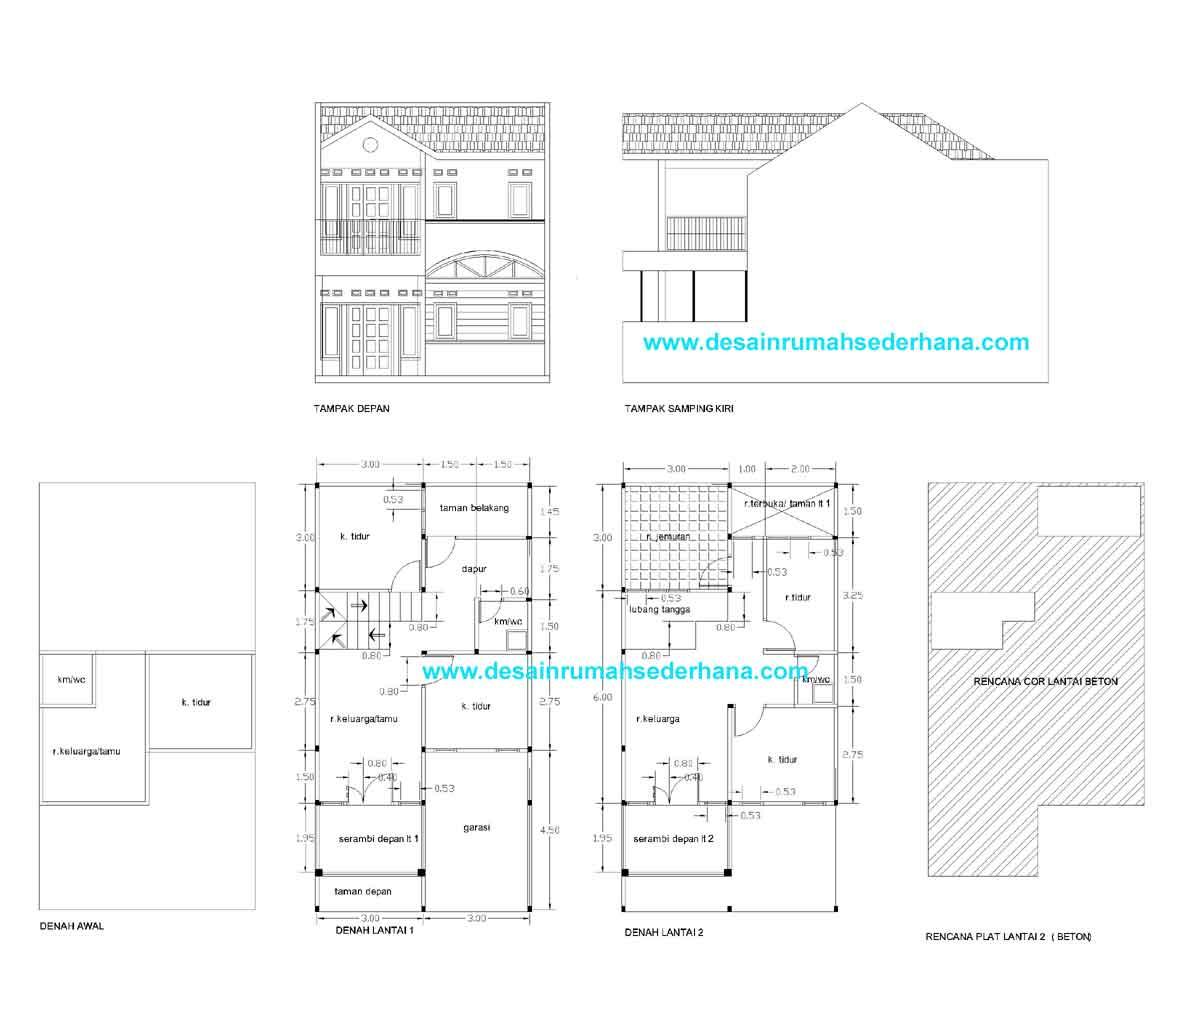 69 Desain Rumah Minimalis Type 21 Desain Rumah Minimalis Terbaru